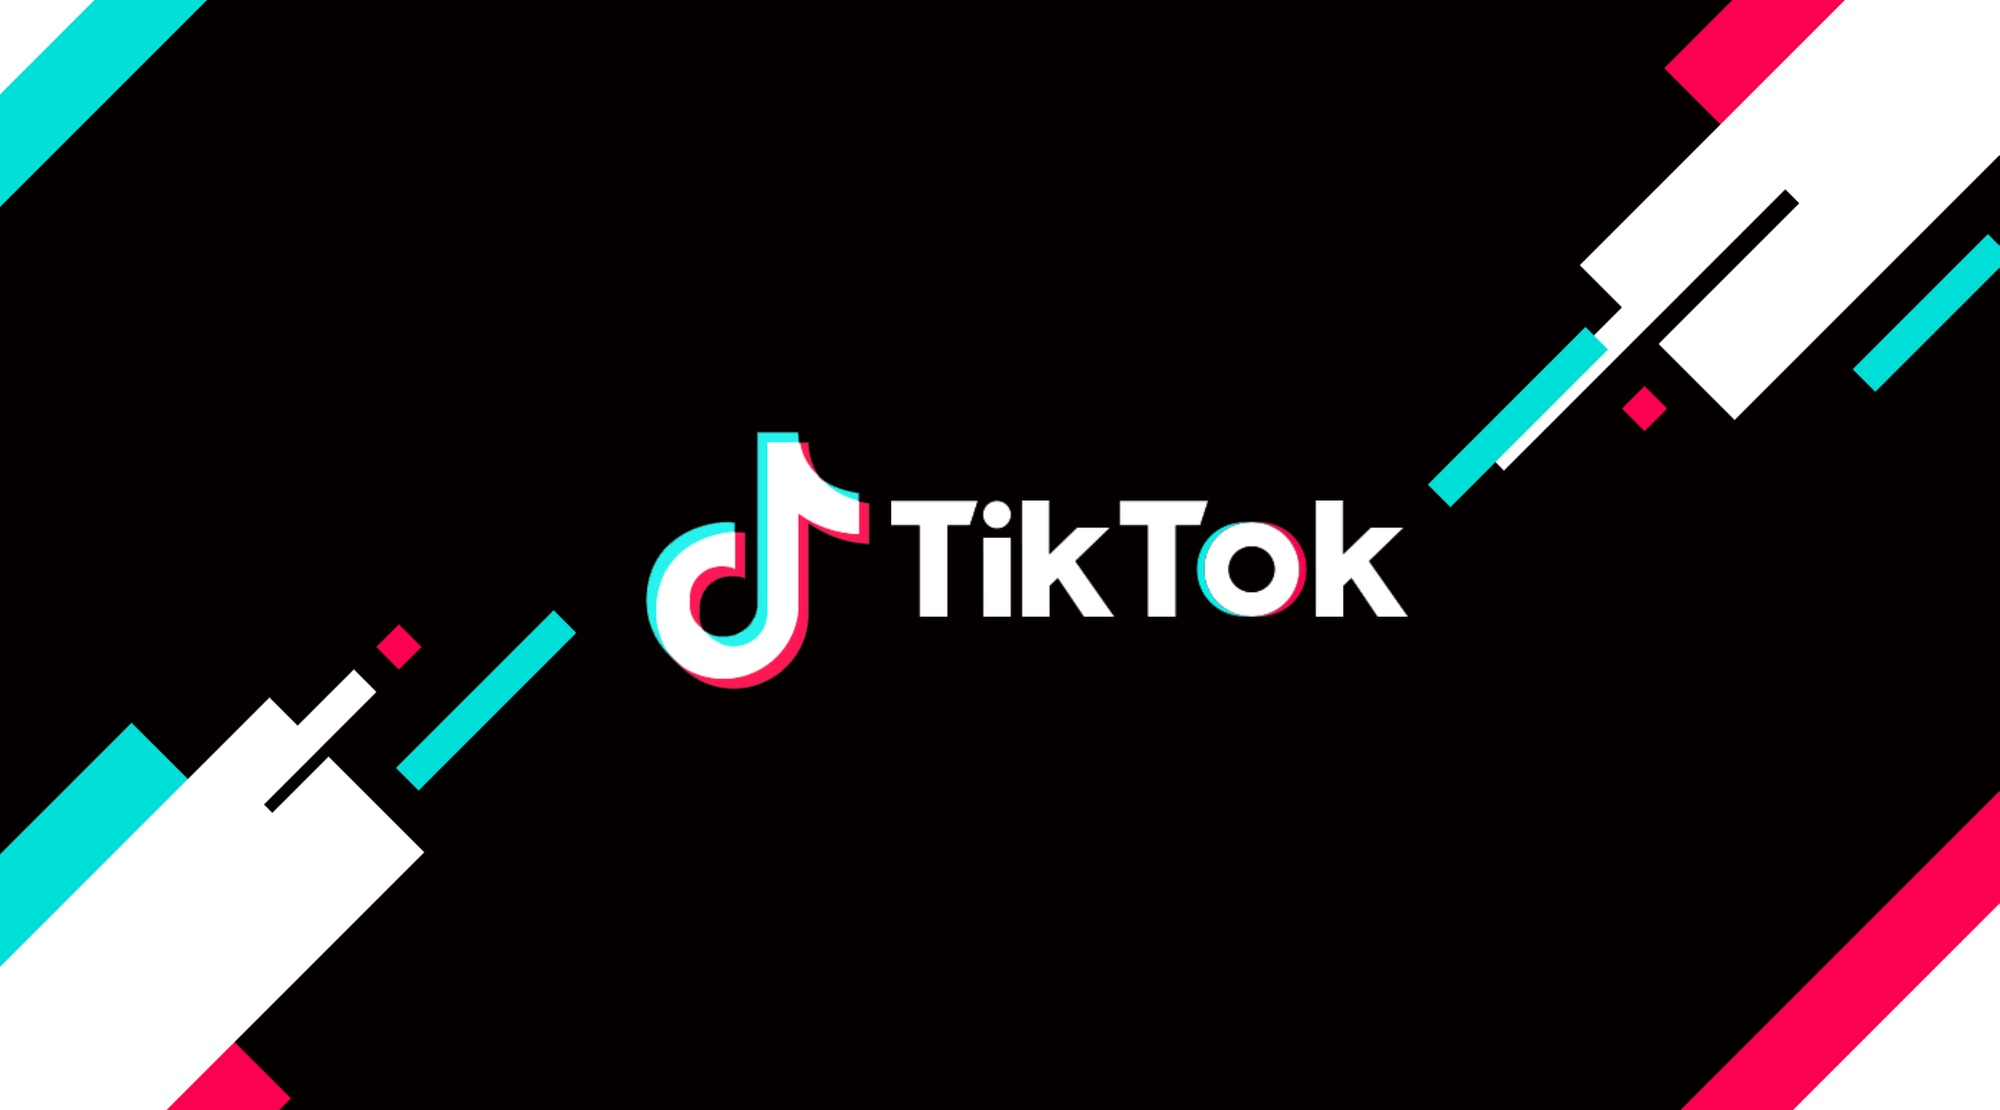 Дональд Трамп разрешил Oracle и Walmart купить часть TikTok